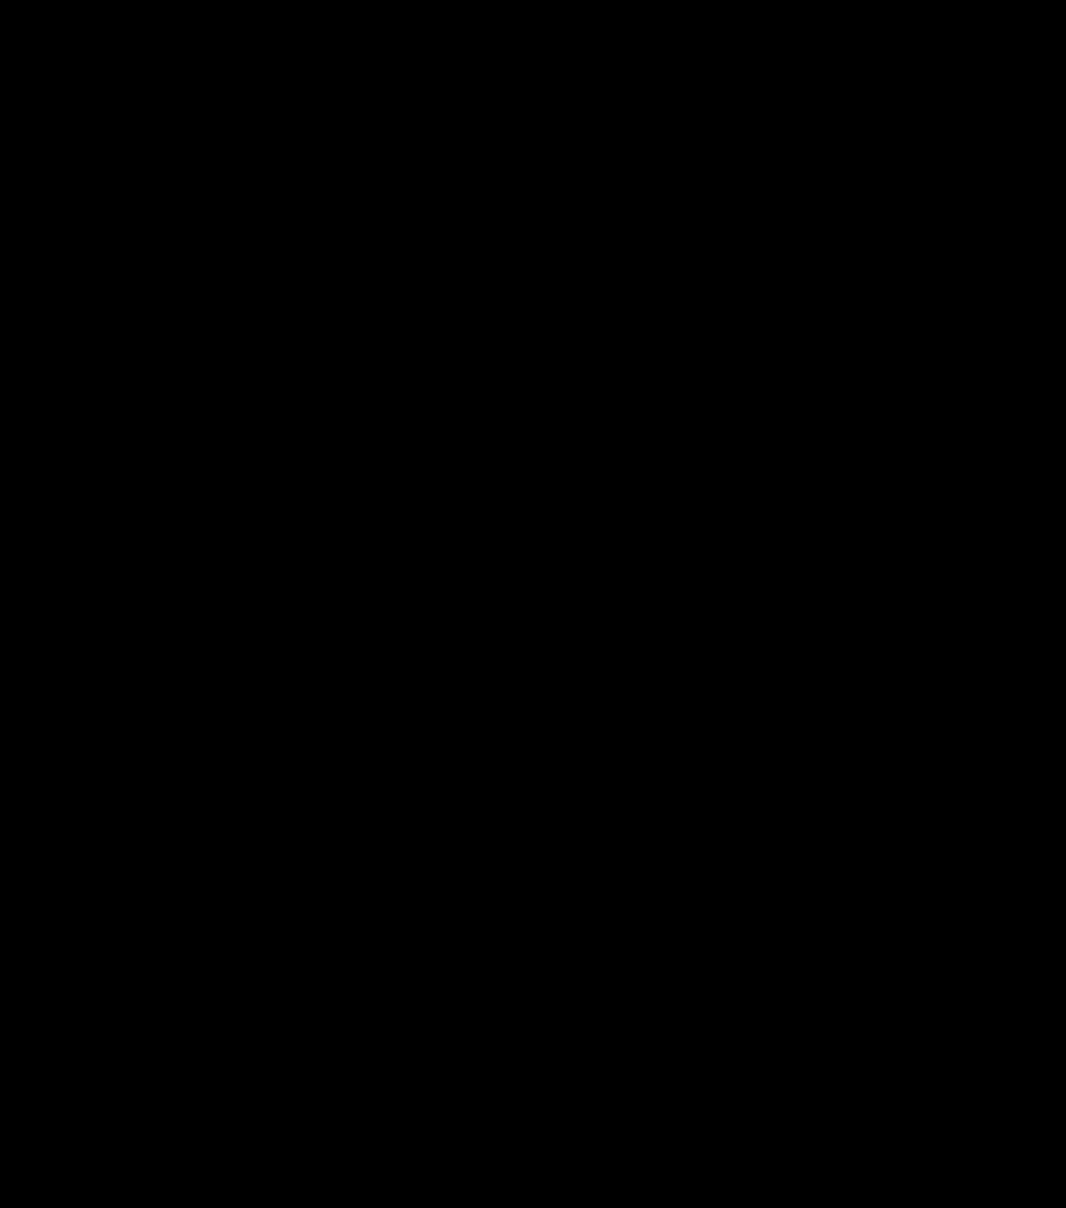 1066x1208 Vector Symbol